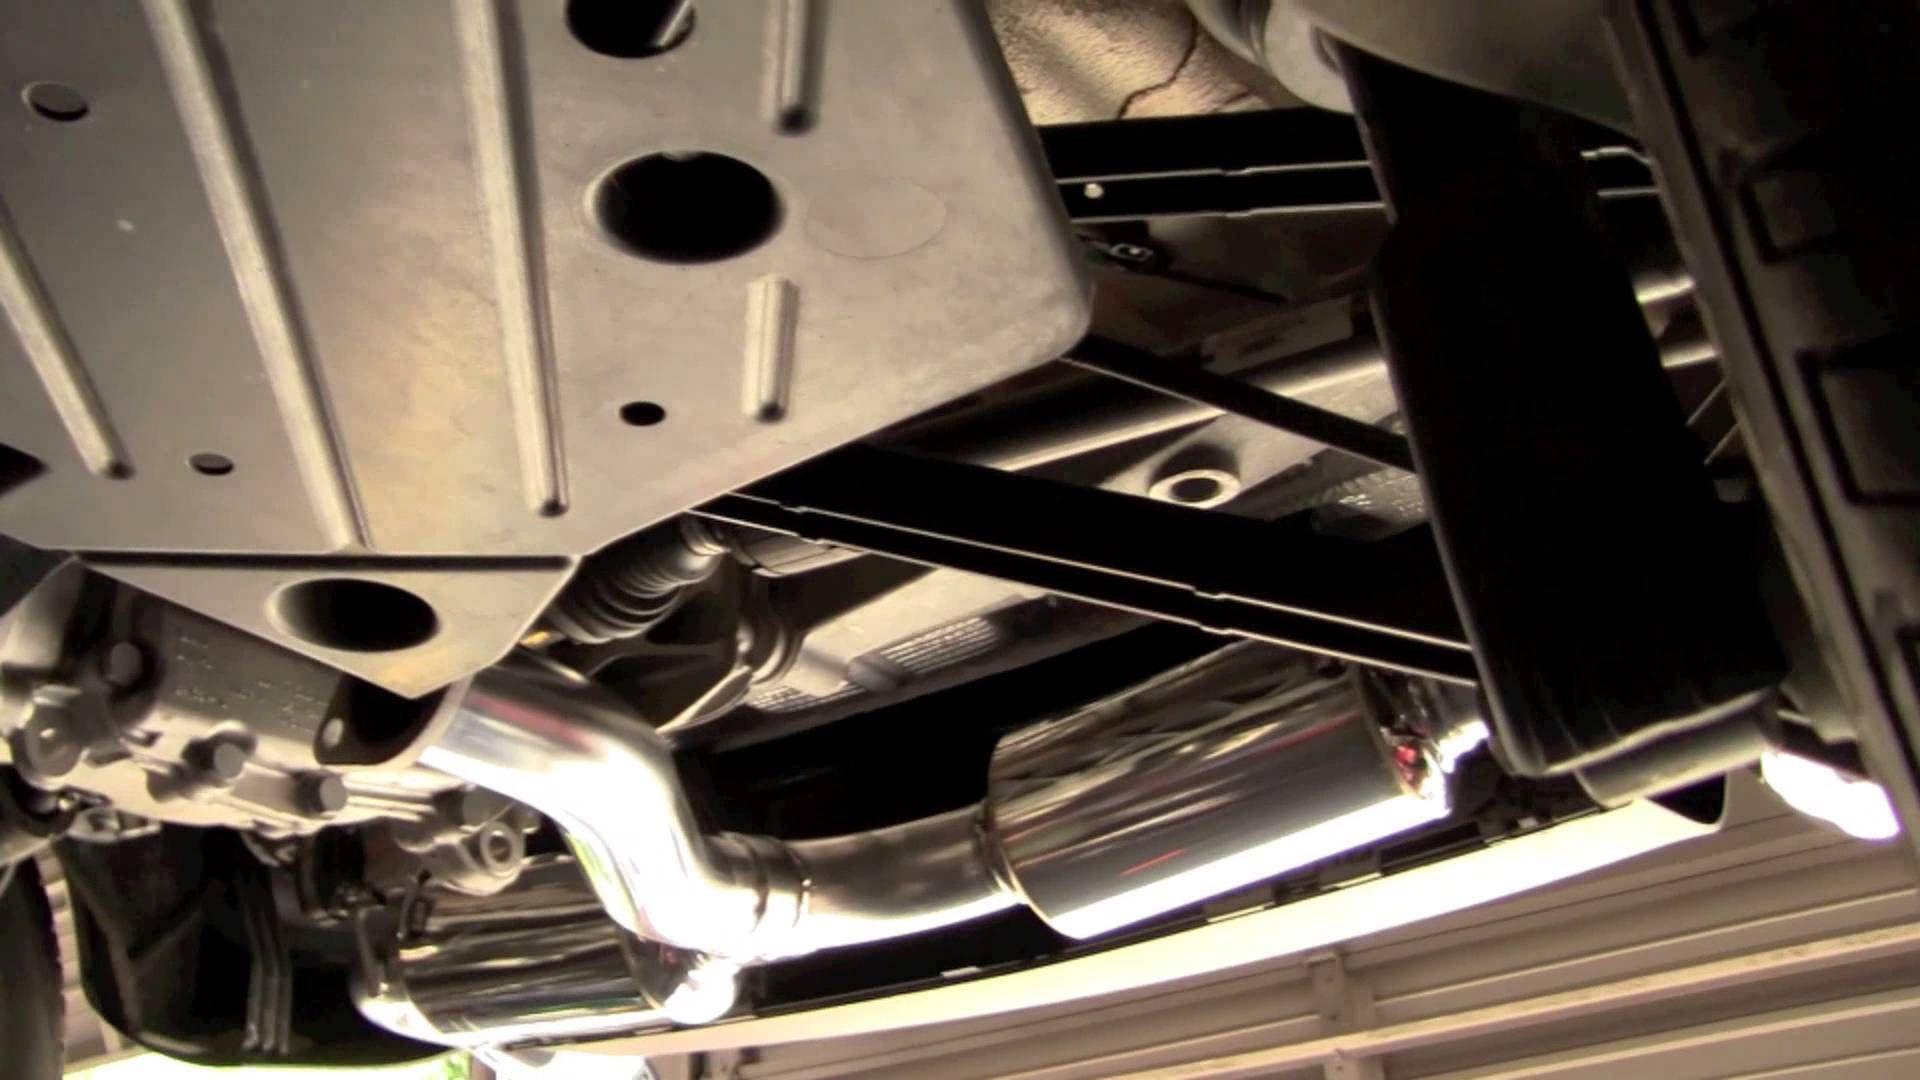 Mini Cooper Exhaust Cat Back Installation Video Mini Cooper Mini Coilovers